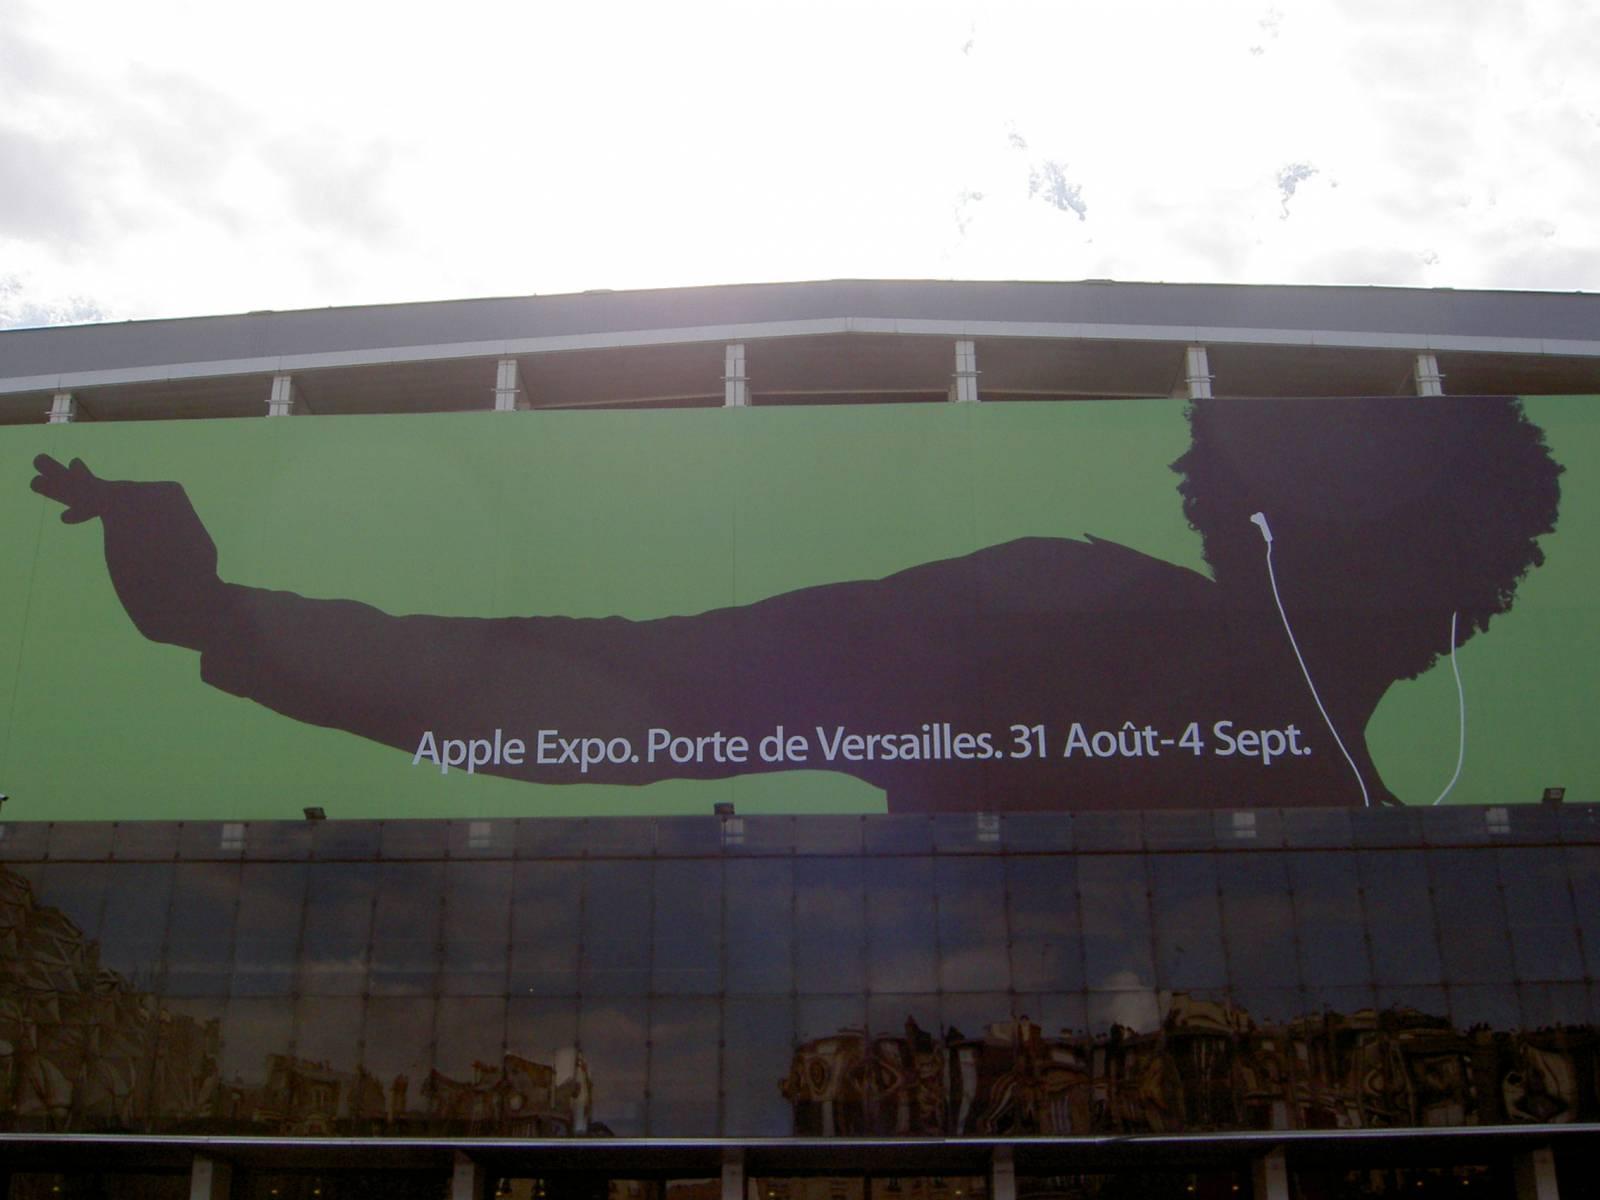 Draußen warb ein großes Banner für die Veranstaltung. Mit dem iPod.